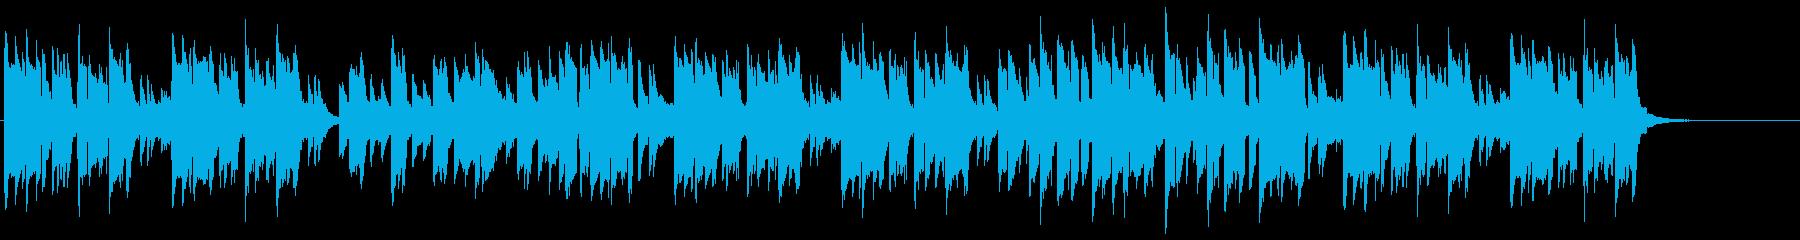 サックス、ピアノのほのぼの日常系ポップスの再生済みの波形